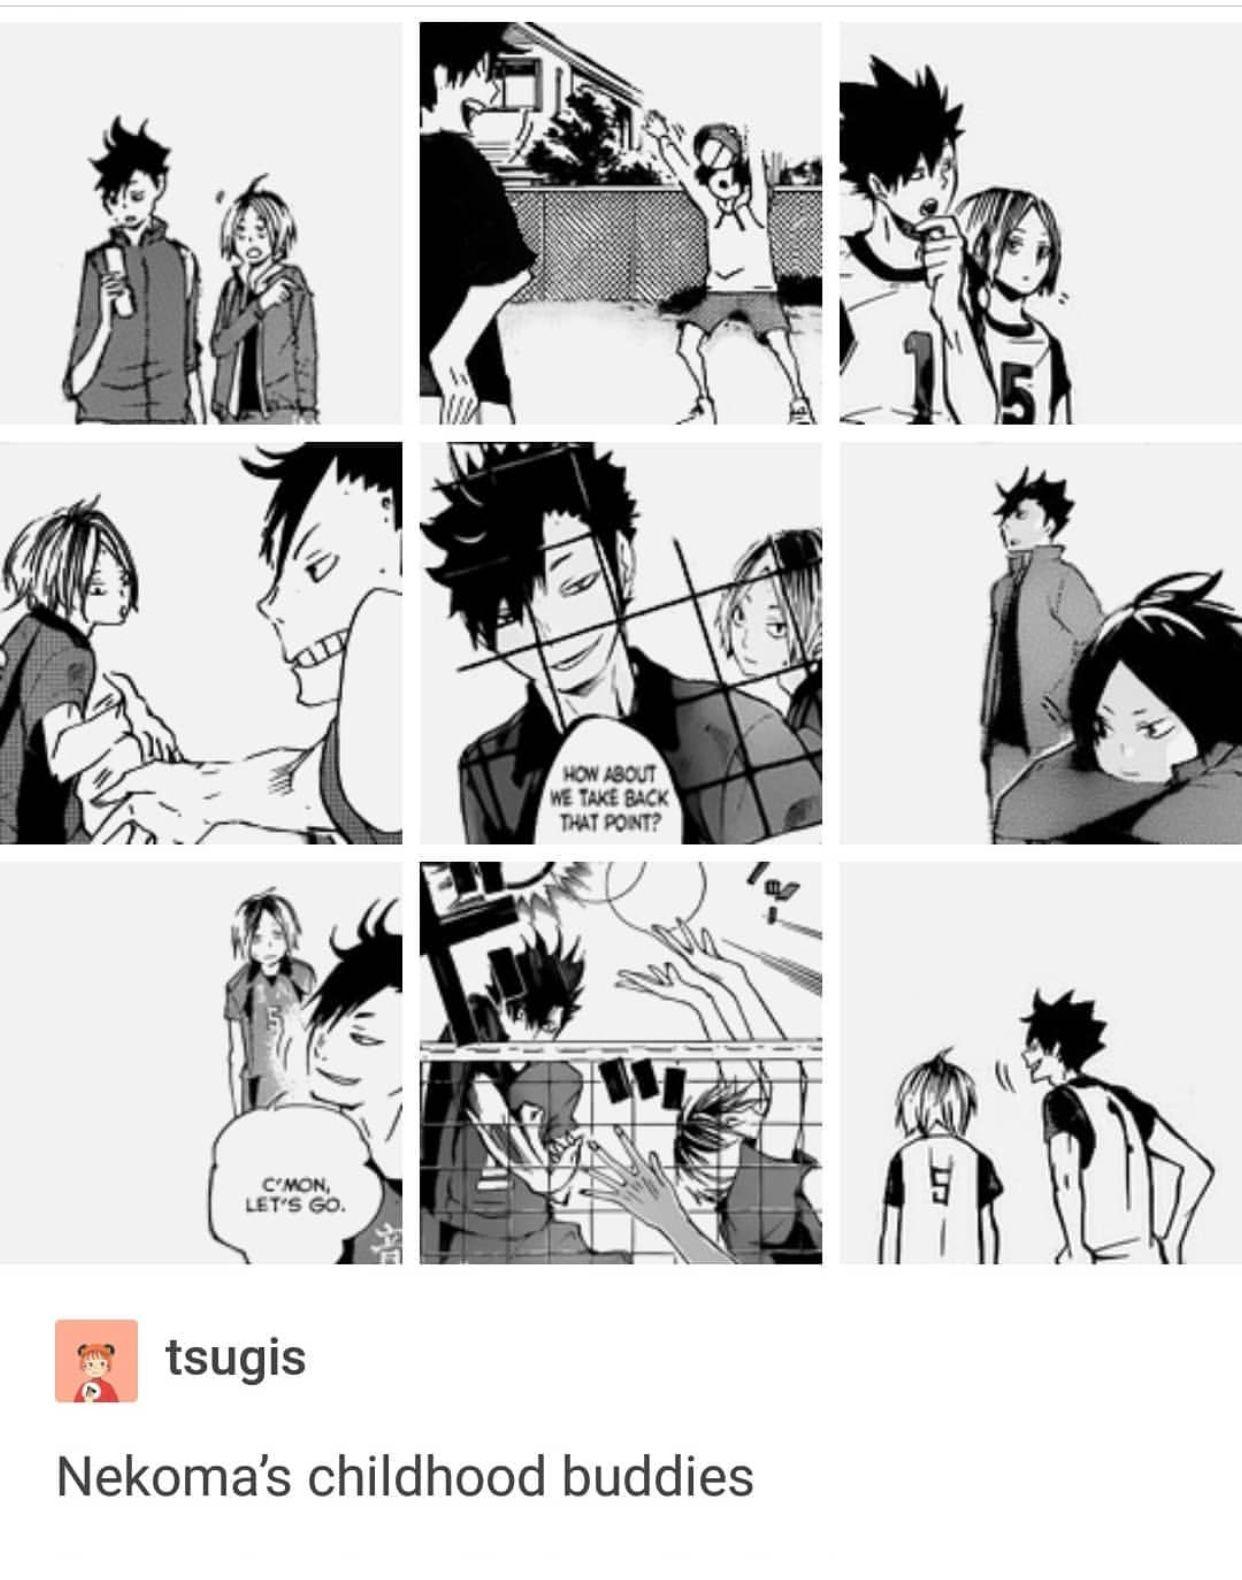 Pin By Lauren Bies On Kuroo Haikyuu Manga Haikyuu Kageyama Haikyuu Anime